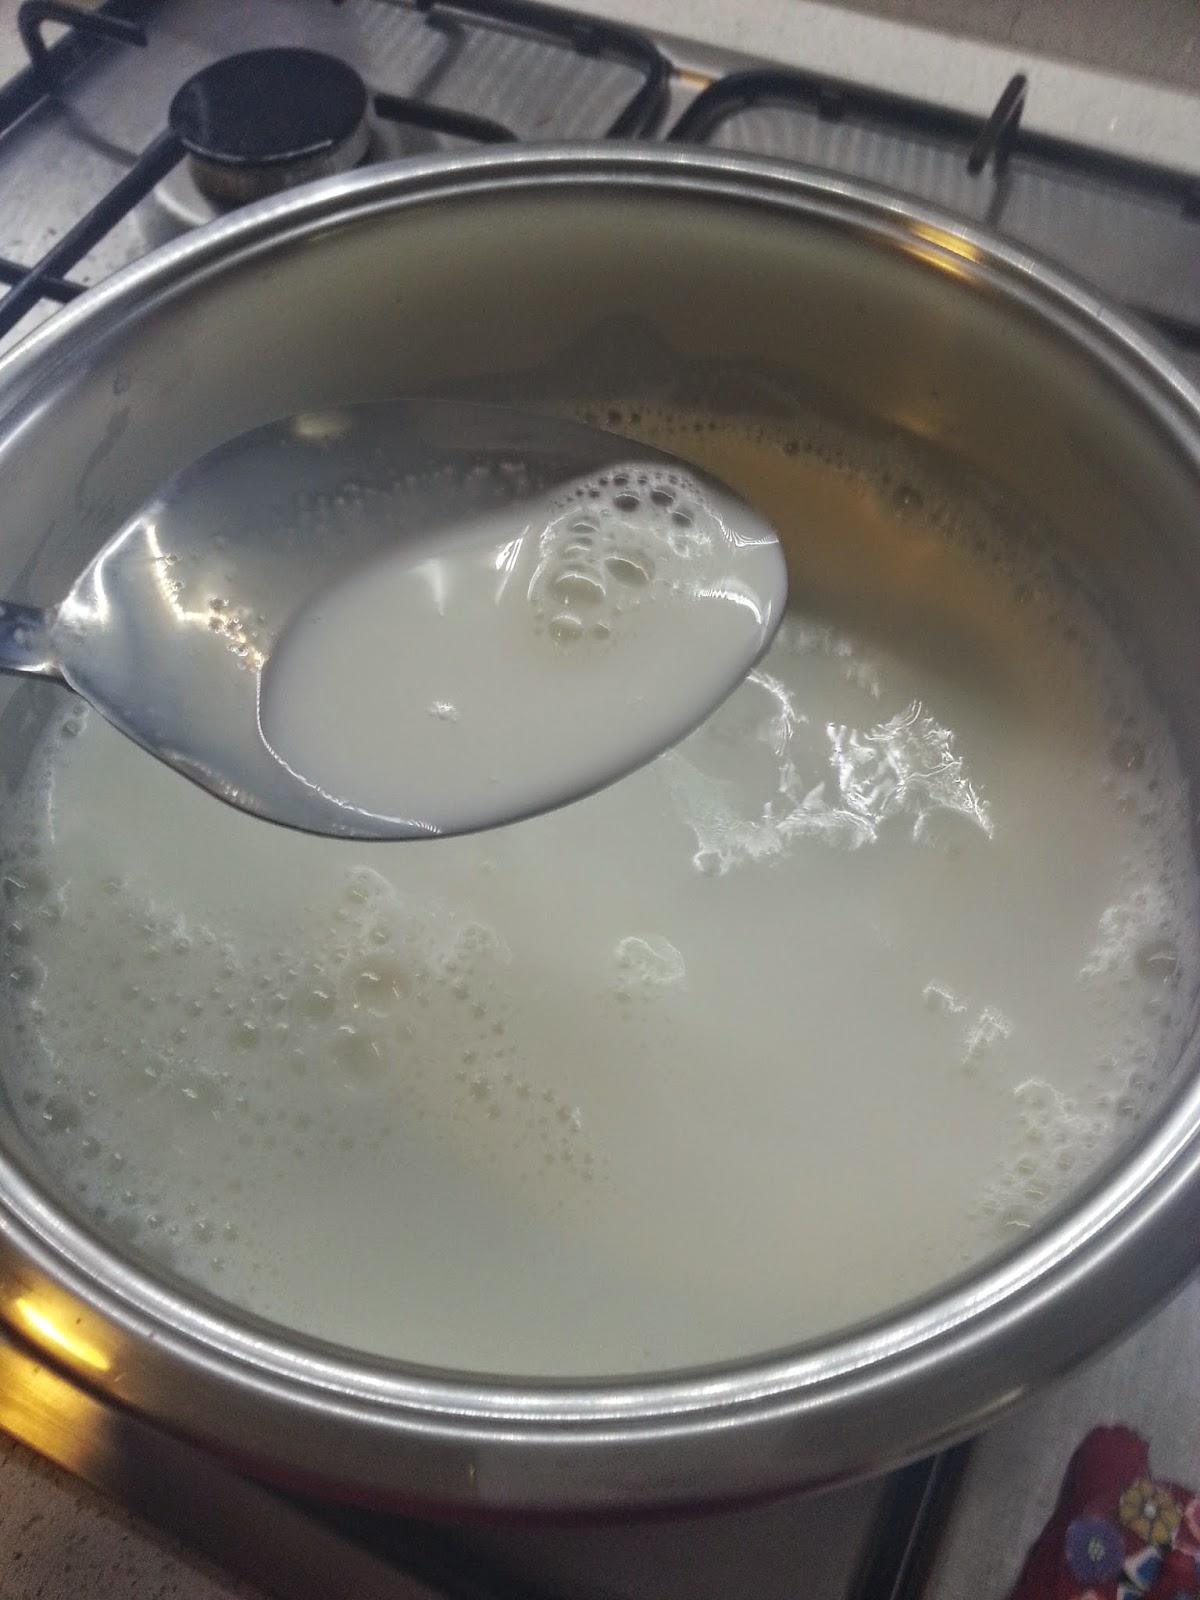 Mayalanan Yoğurt Sulu Olursa Ne Yapılmalı